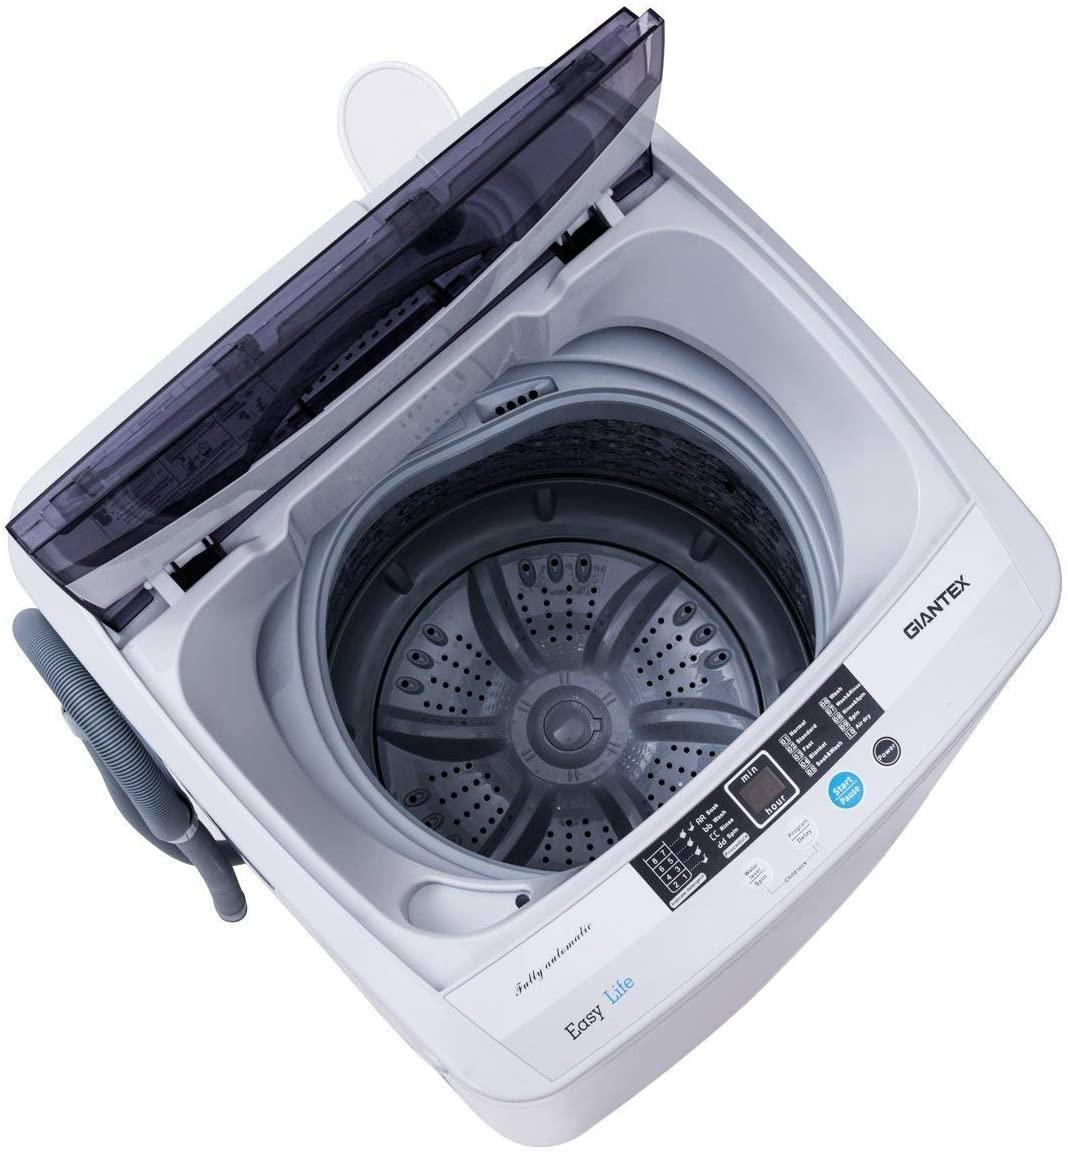 Full Size of Beste Mini Waschmaschine Erklrungen Und Vergleich Led Zone Aluminium Verbundplatte Küche Pool Garten Stengel Miniküche Ikea Minion Bett Mit Kühlschrank Wohnzimmer Mini Geschirrspüler